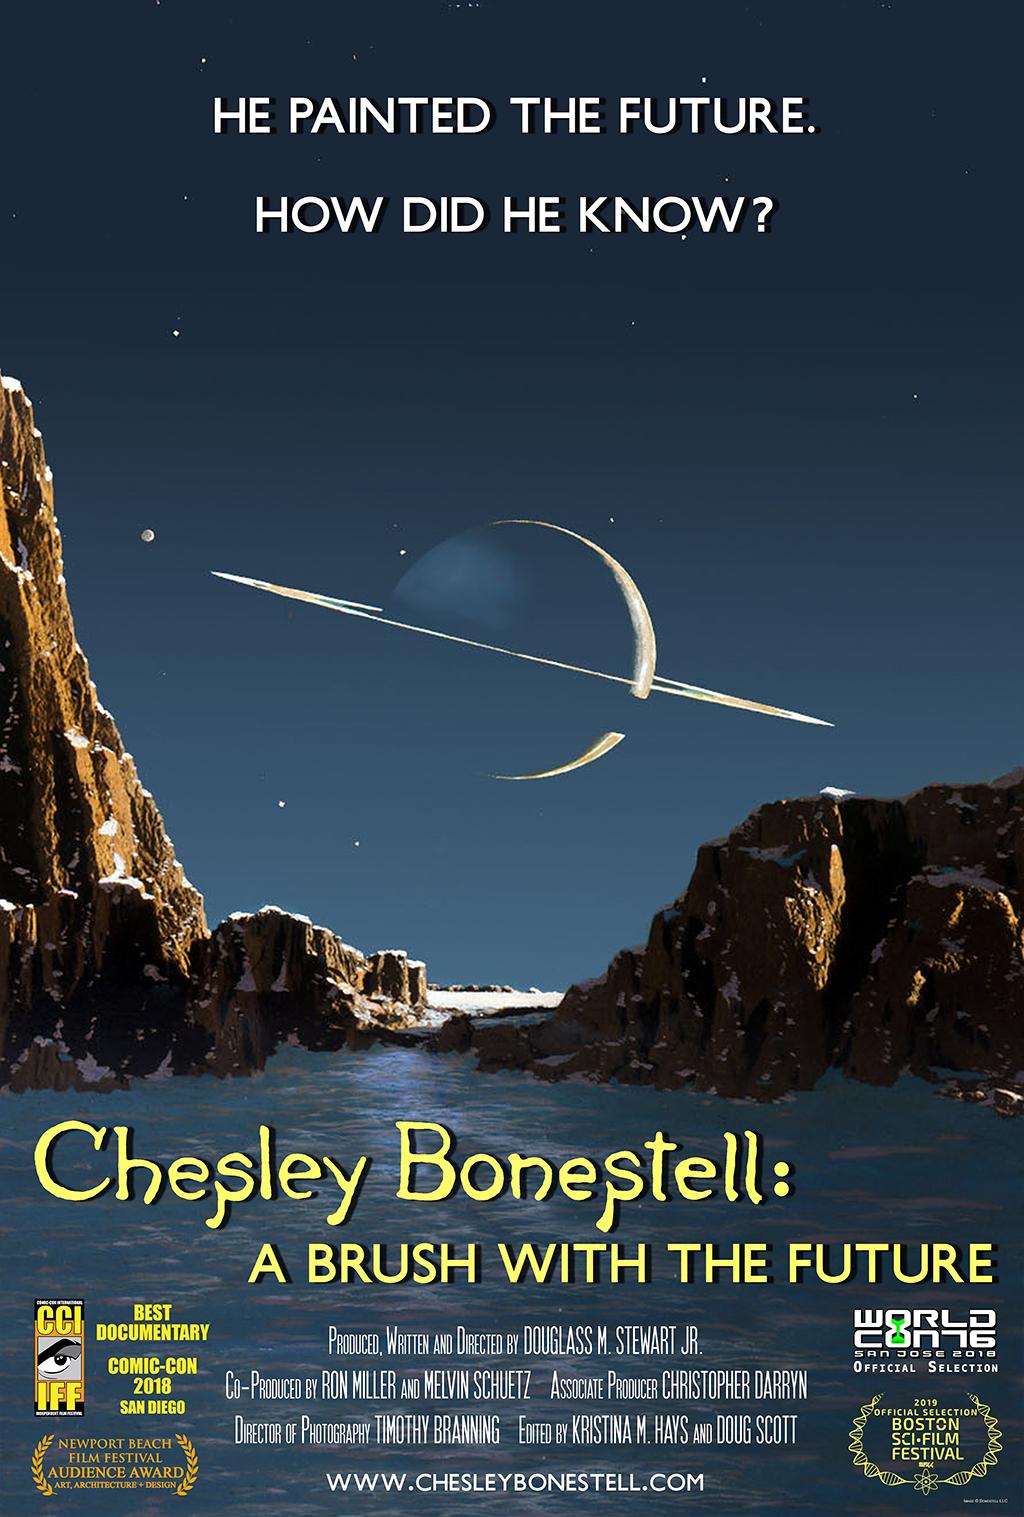 Chesley Bonestell Movie Poster